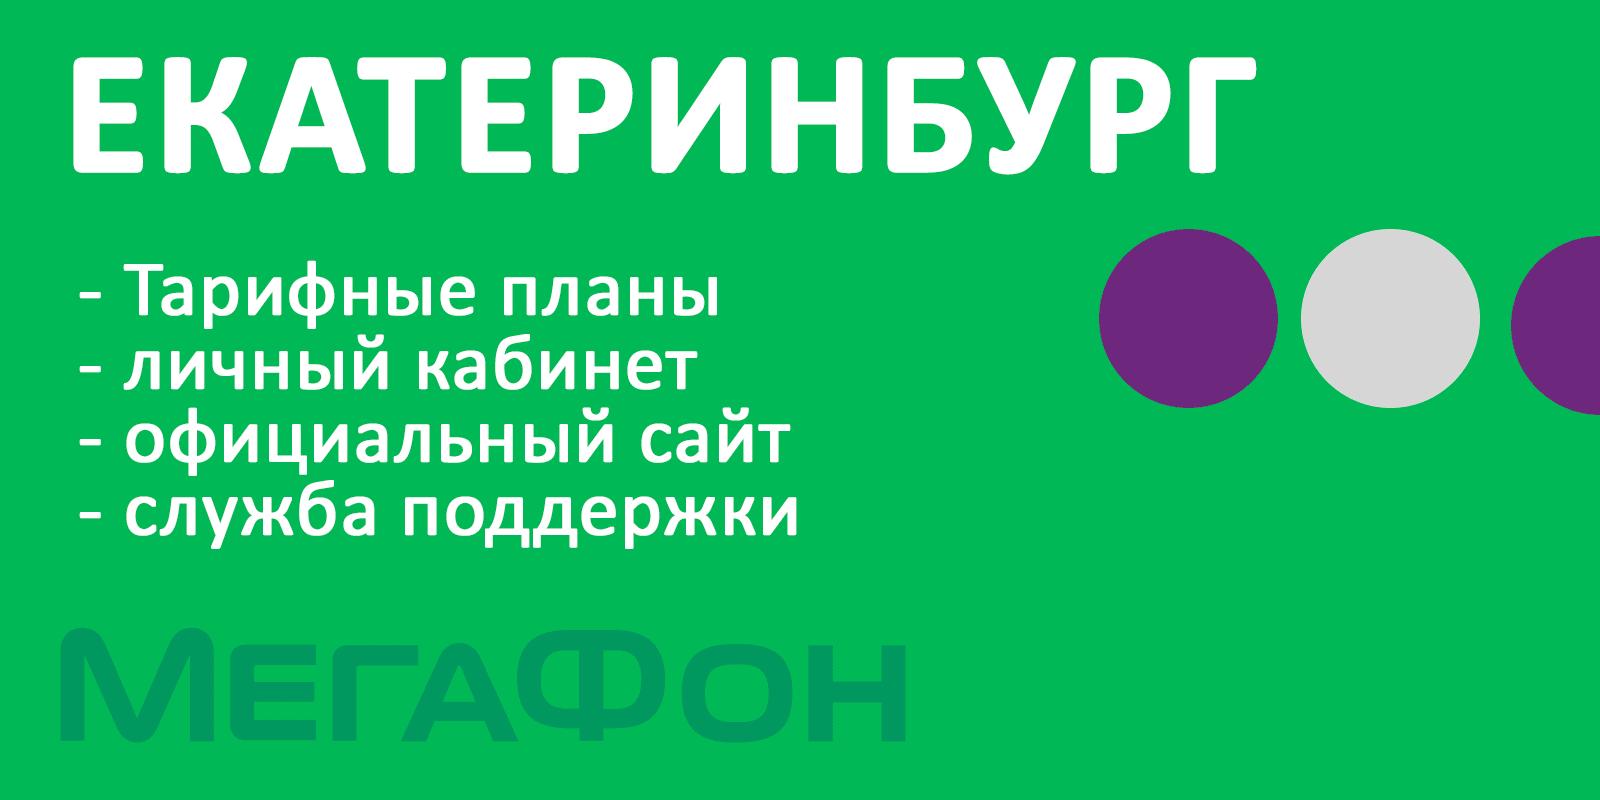 Мегафон Екатеринбург официальный сайт, личный кабинет, тарифы, служба поддержка